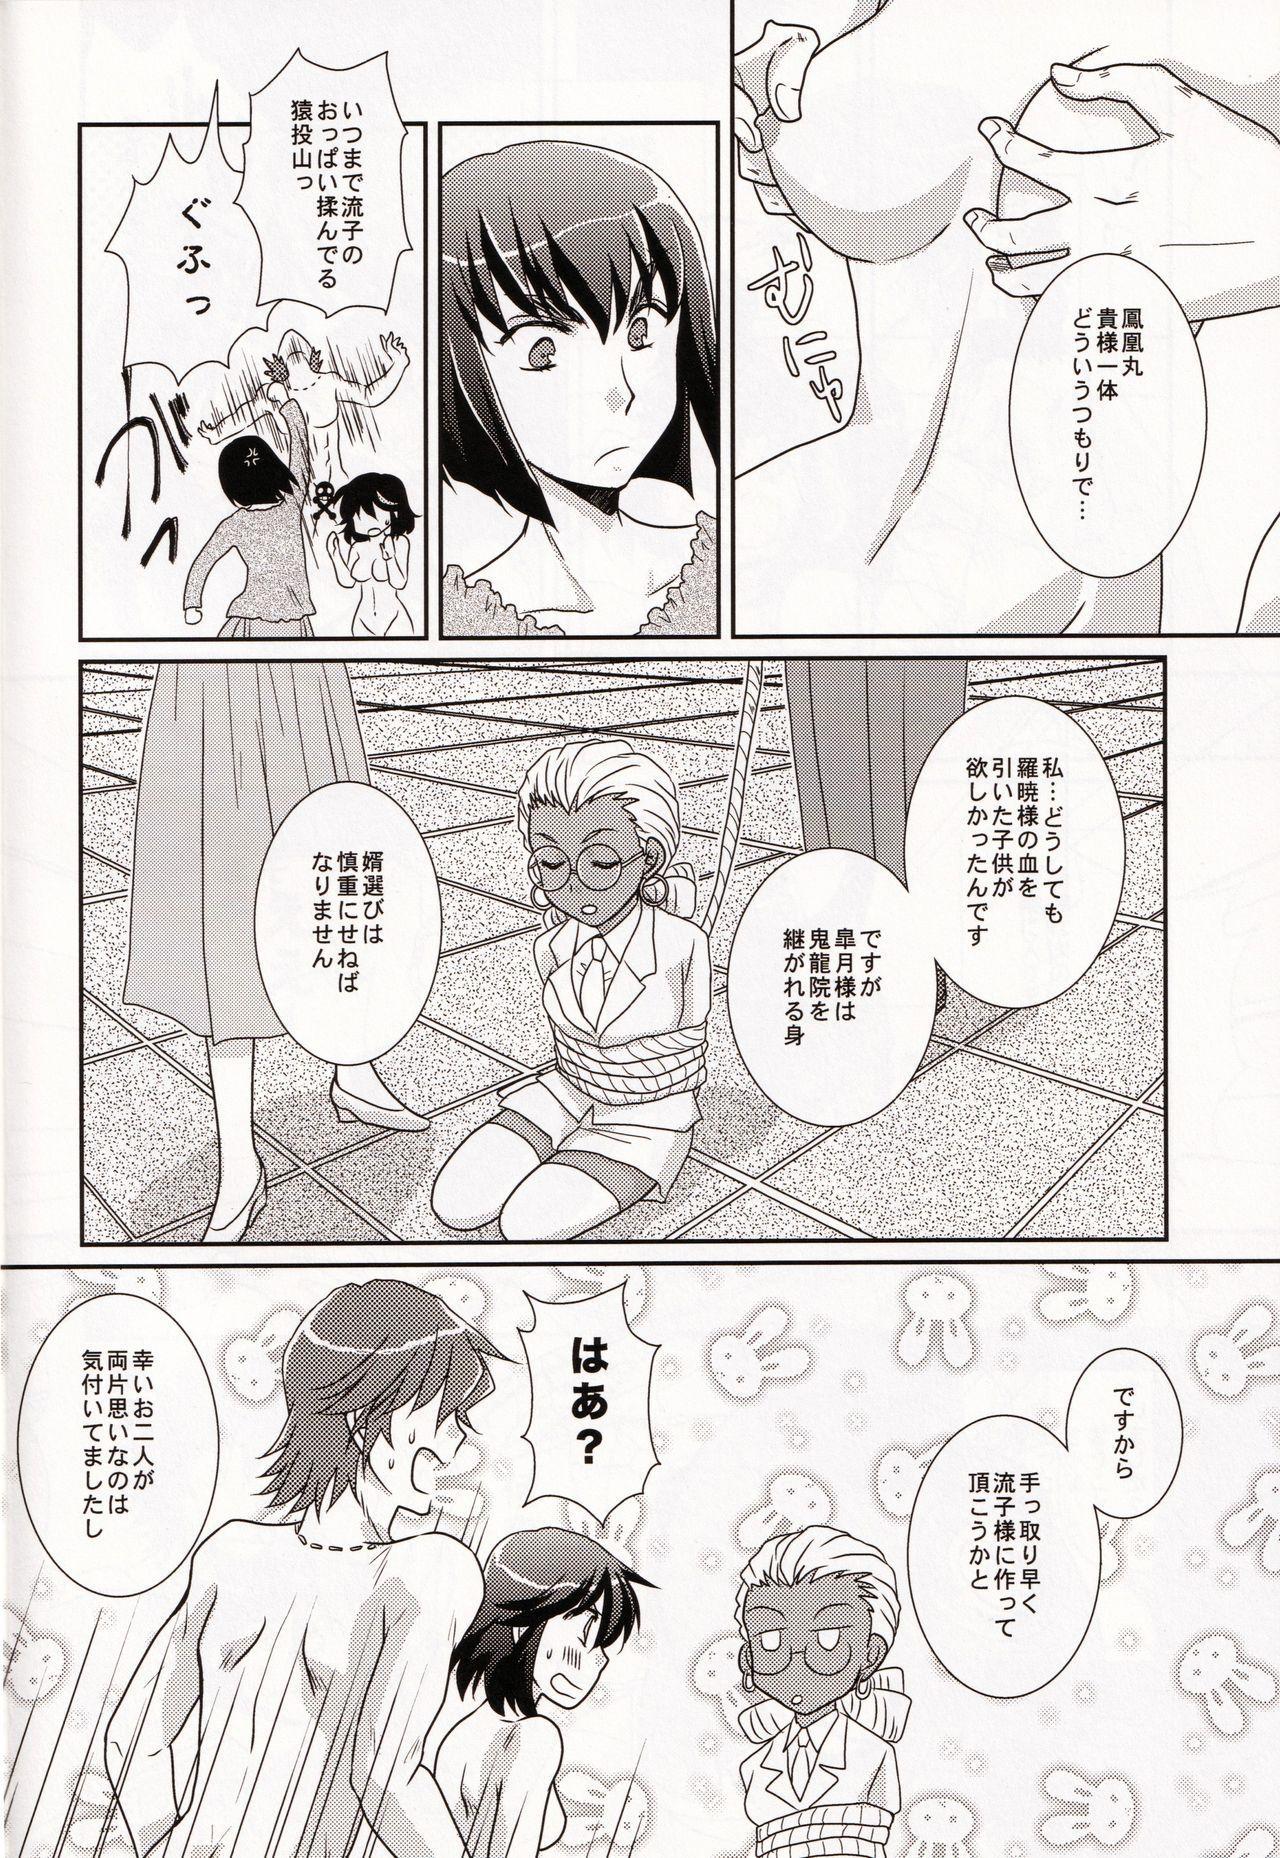 (SUPER26) [Ishin Denshin (Yuusa Riki)] Ore no Kanojo (Kari) ga Otokomae Sugite Mou Horeru shika Nai. (Kill la Kill) 25